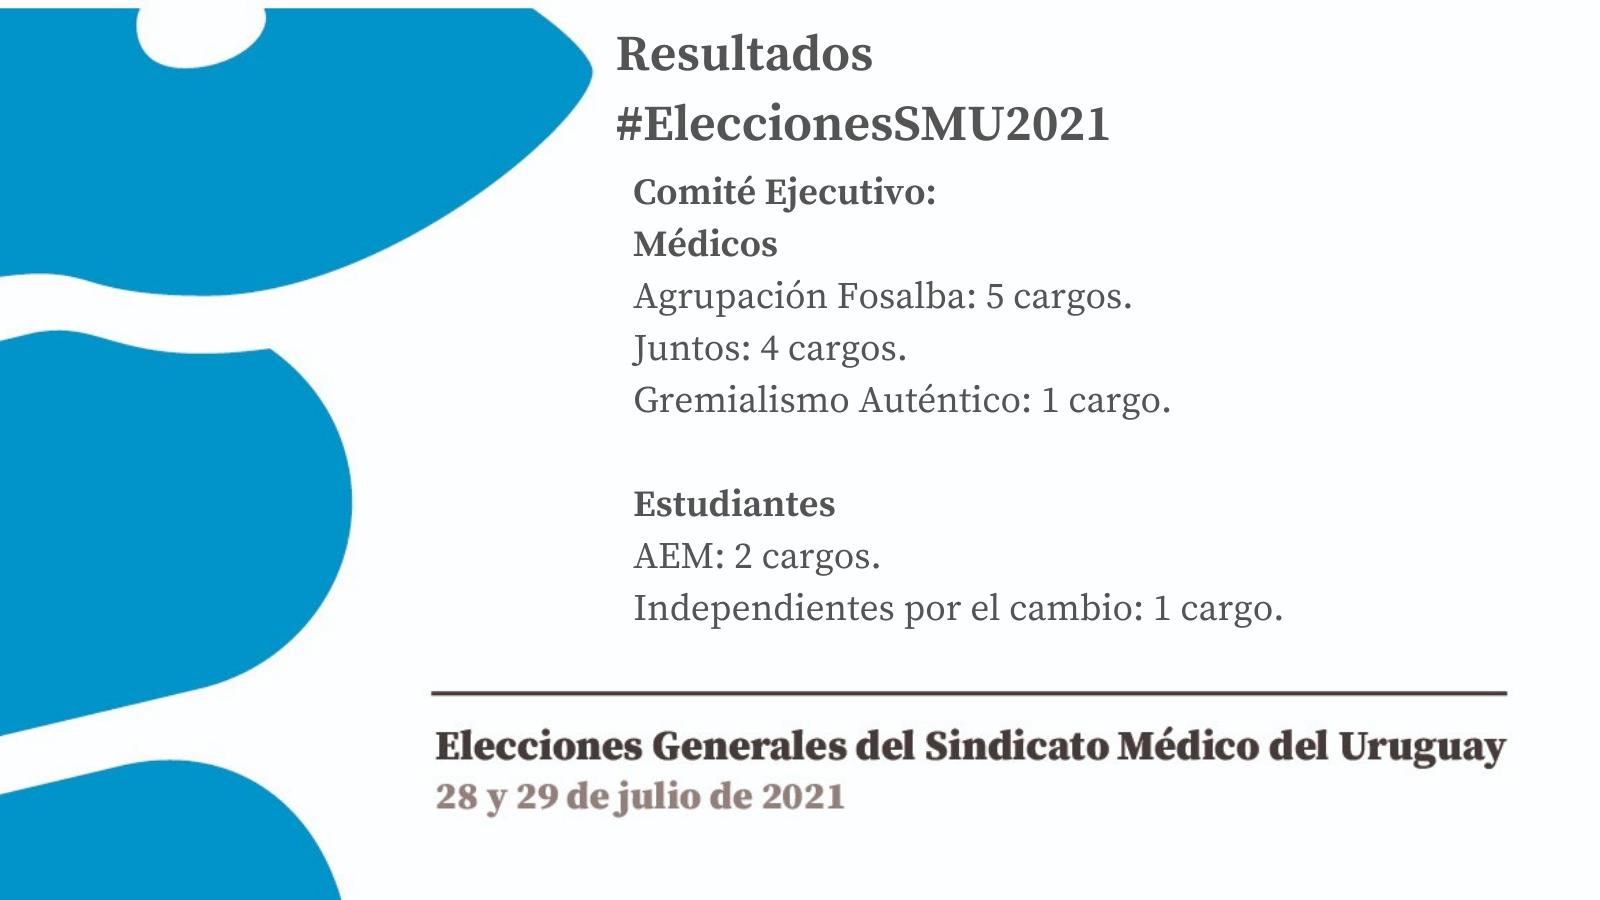 Elecciones 2021: Agrupación Fosalba fue la más votada entre los médicos.